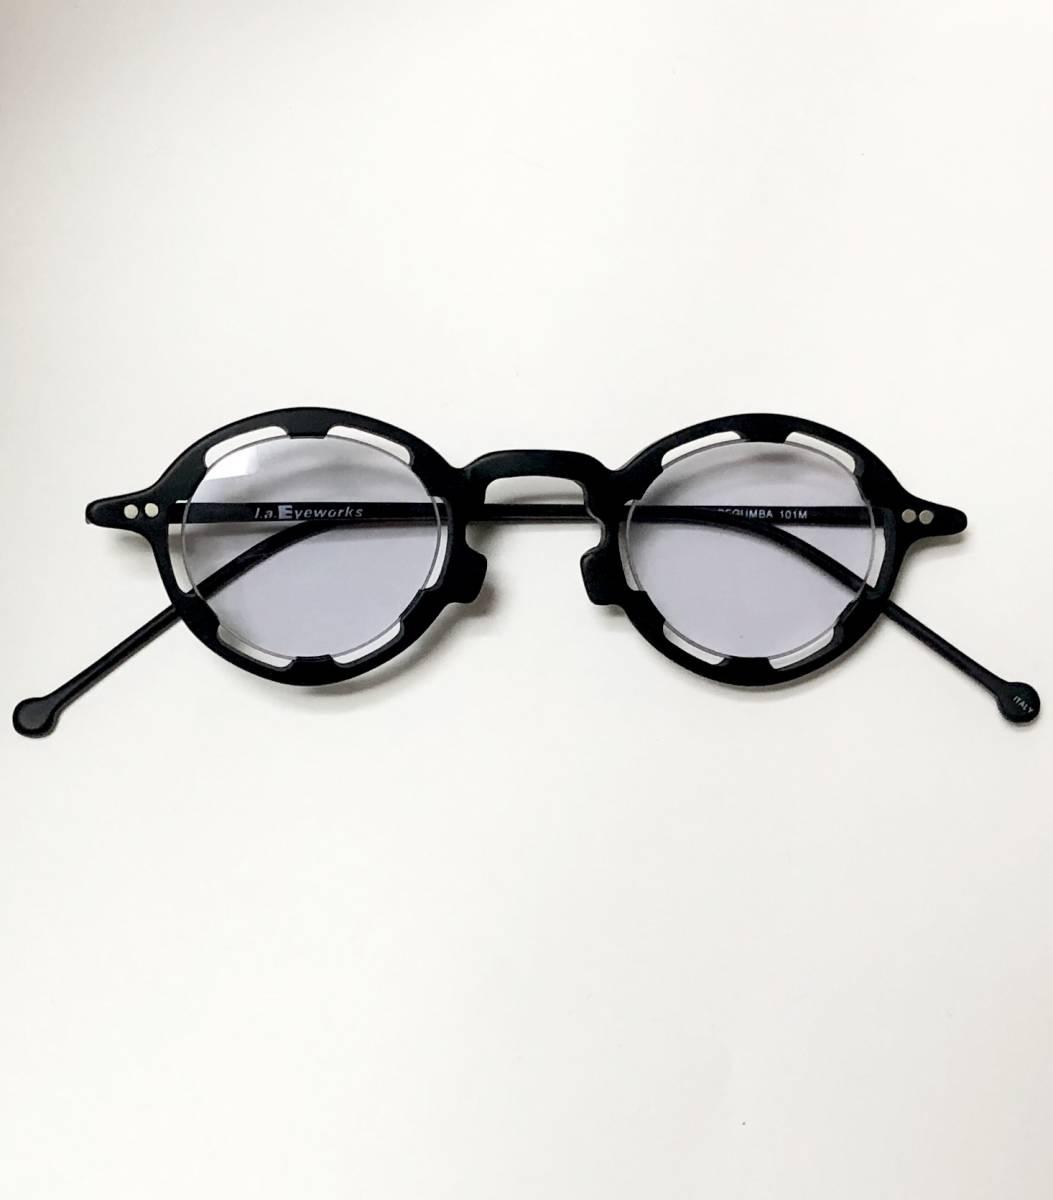 【ビンテージ・未使用】1990年代 l.a. Eyeworks イタリア製レグンバ 黒 高級メガネ エルエーアイワークス /ヴィンテージ 米国ブランド_画像9